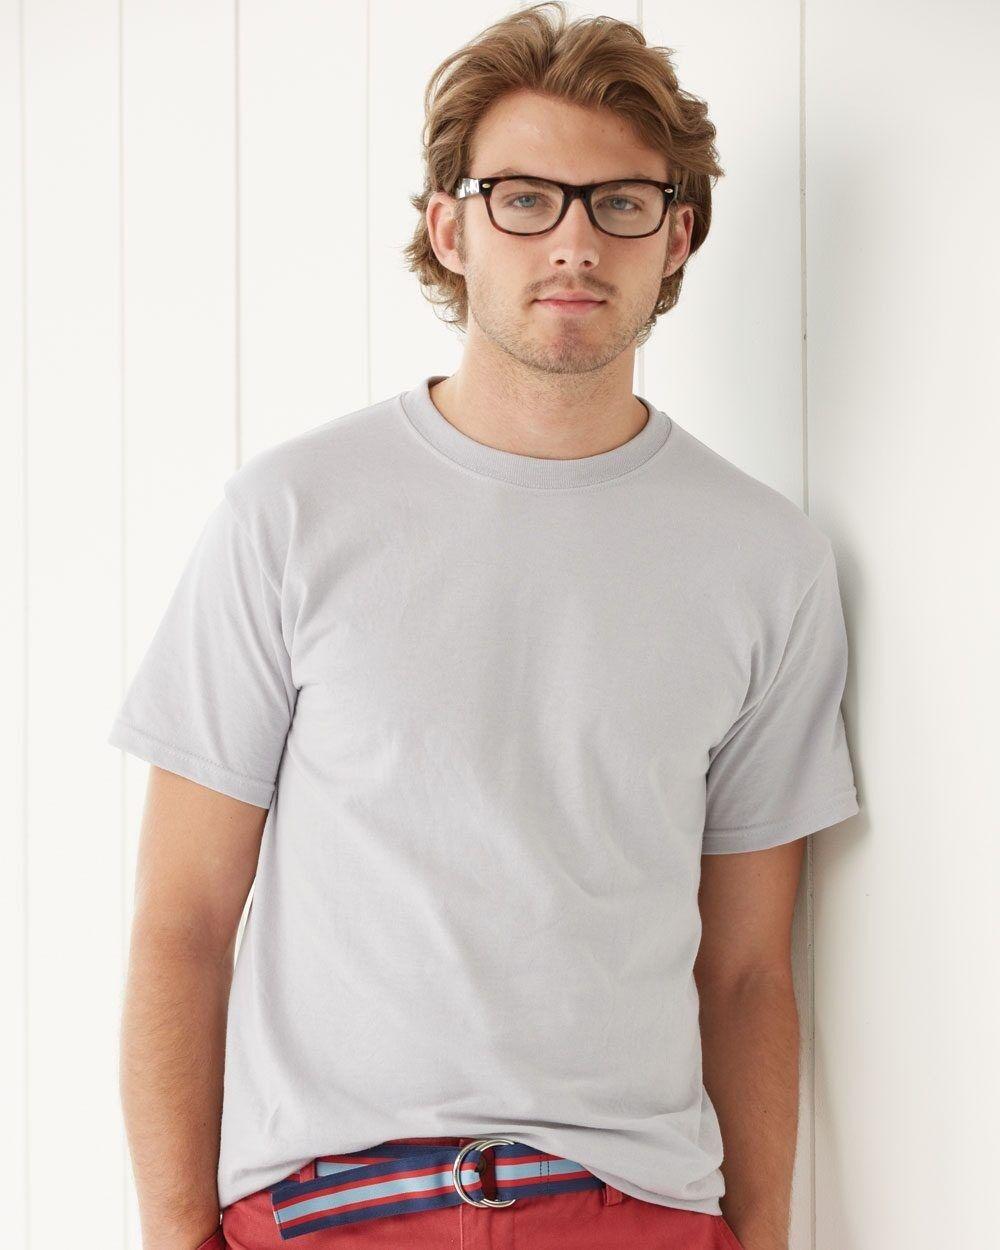 75 Blank Gildan DryBlend 8000 T-Shirt Wholesale Bulk Lot ok to mix S-XL & colors